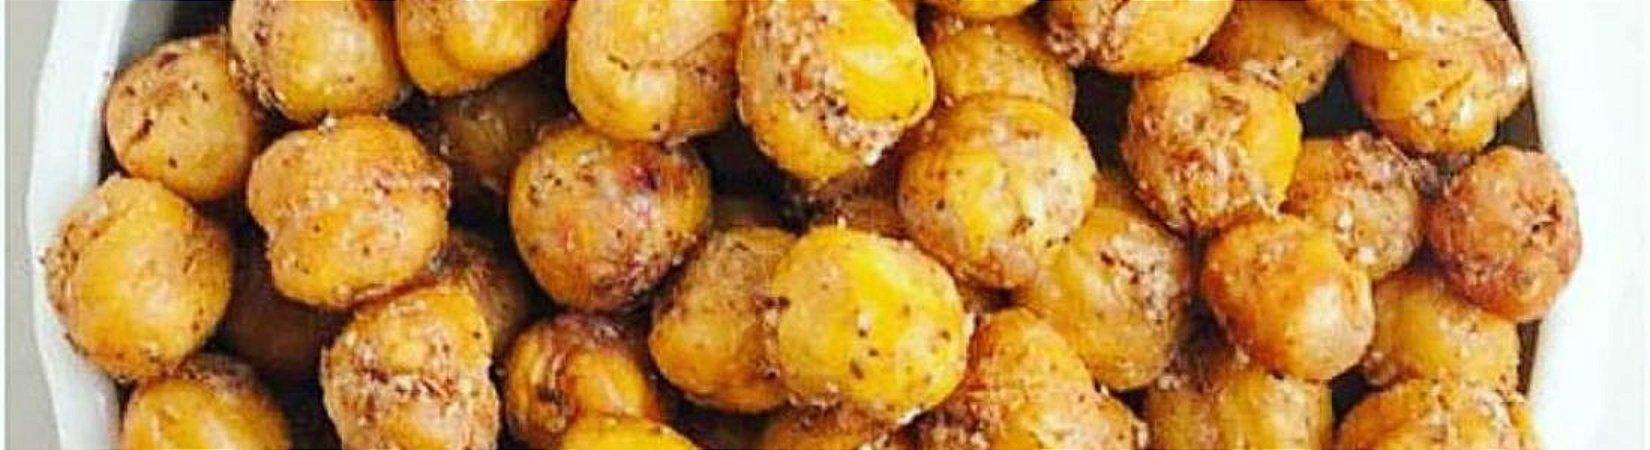 Snack de grão de bico torrado a granel